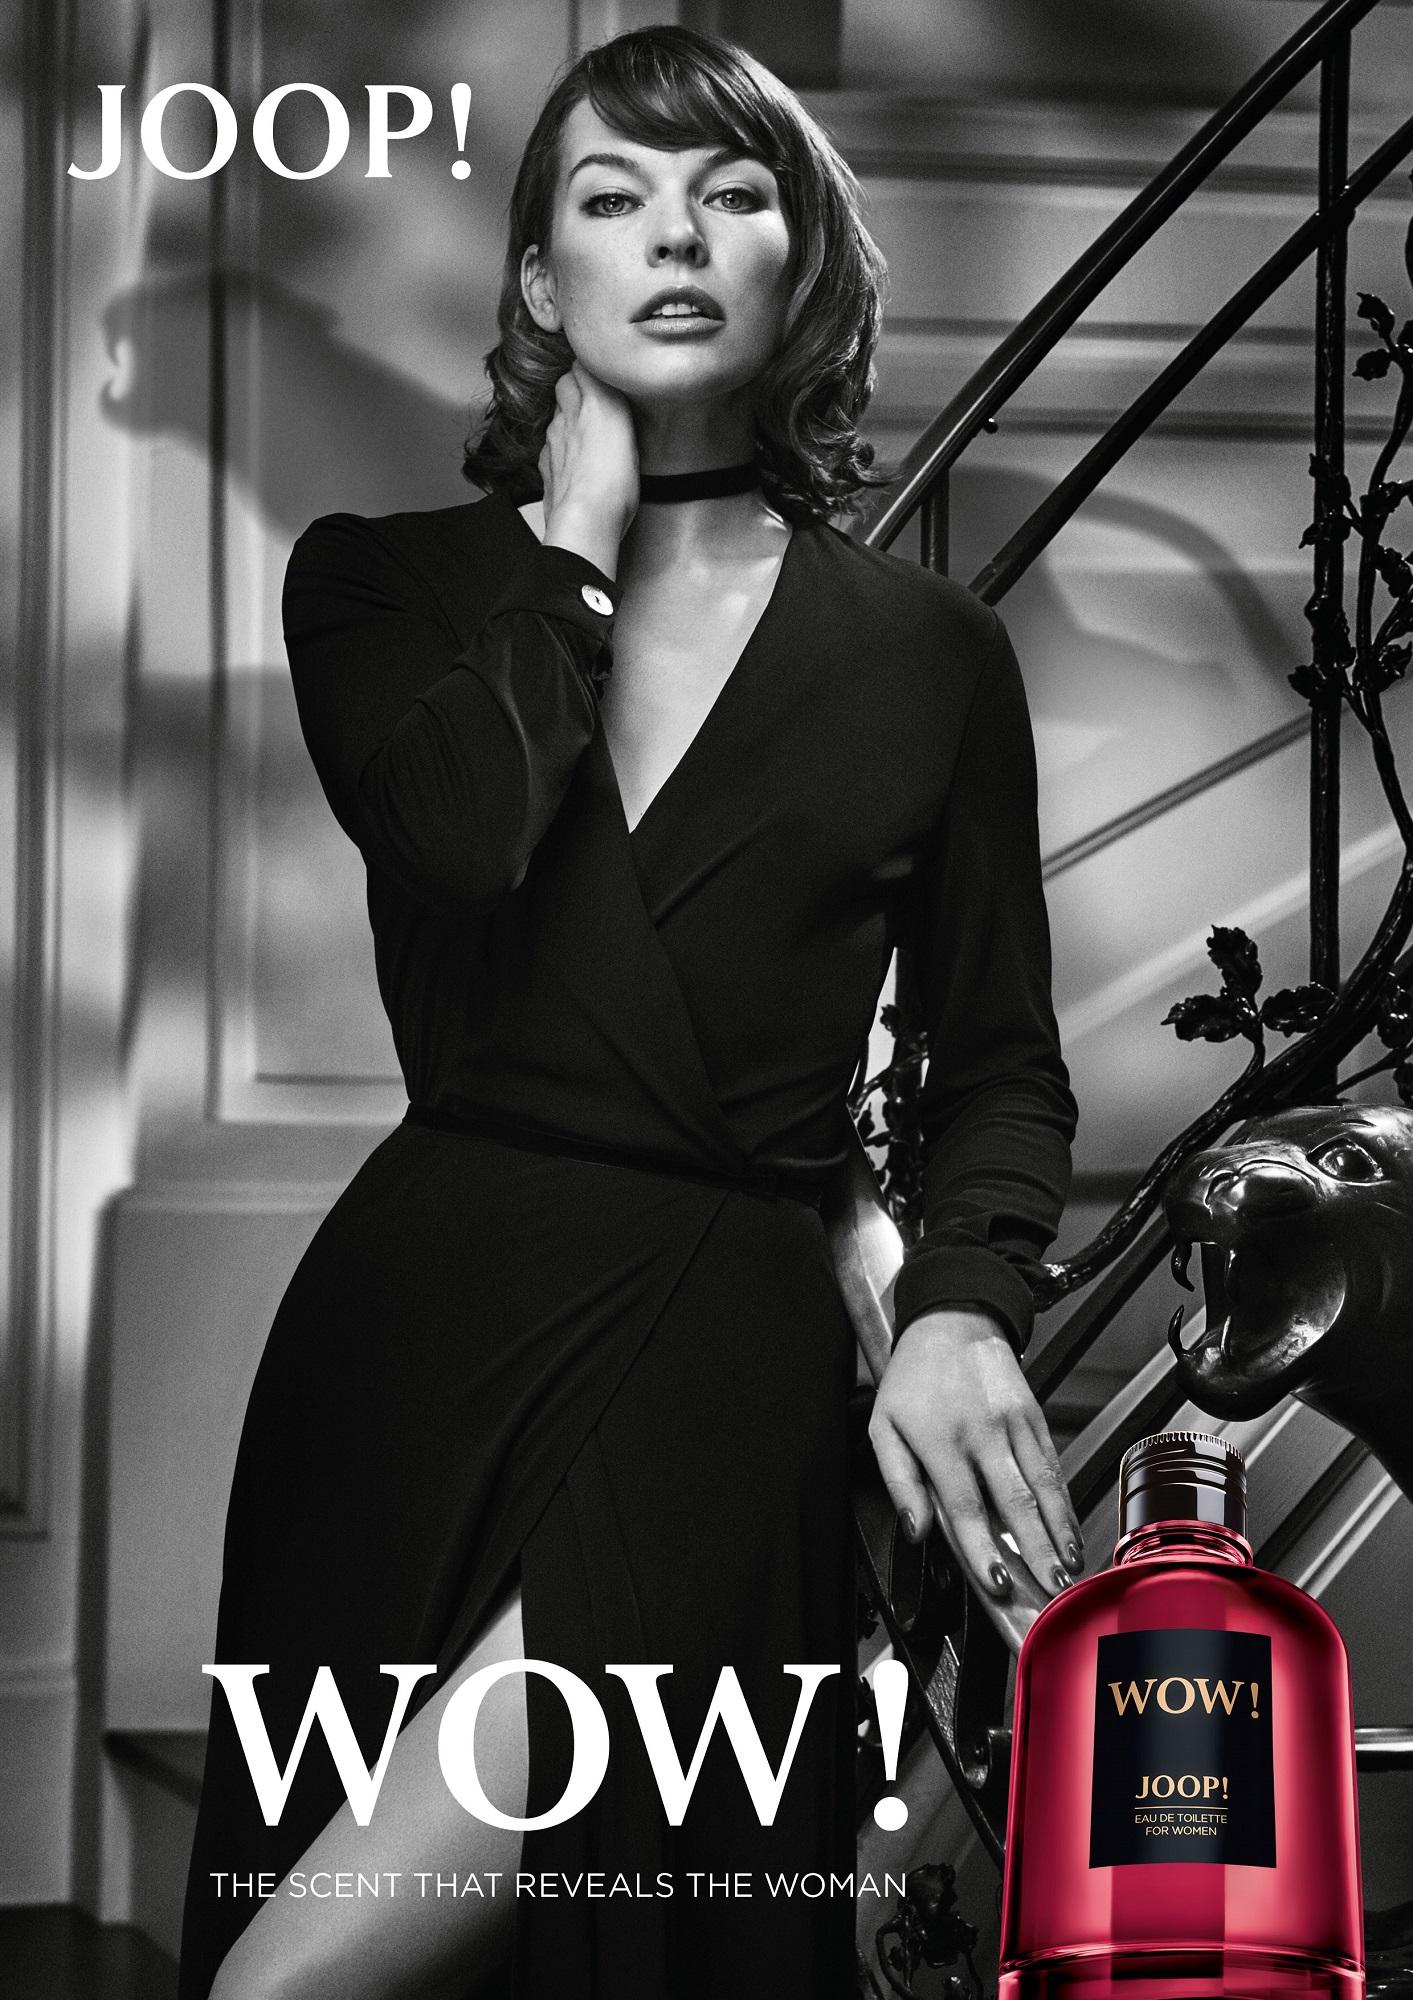 Sonderteil verschiedene Stile komplettes Angebot an Artikeln Joop! Wow! for Women ~ New Fragrances